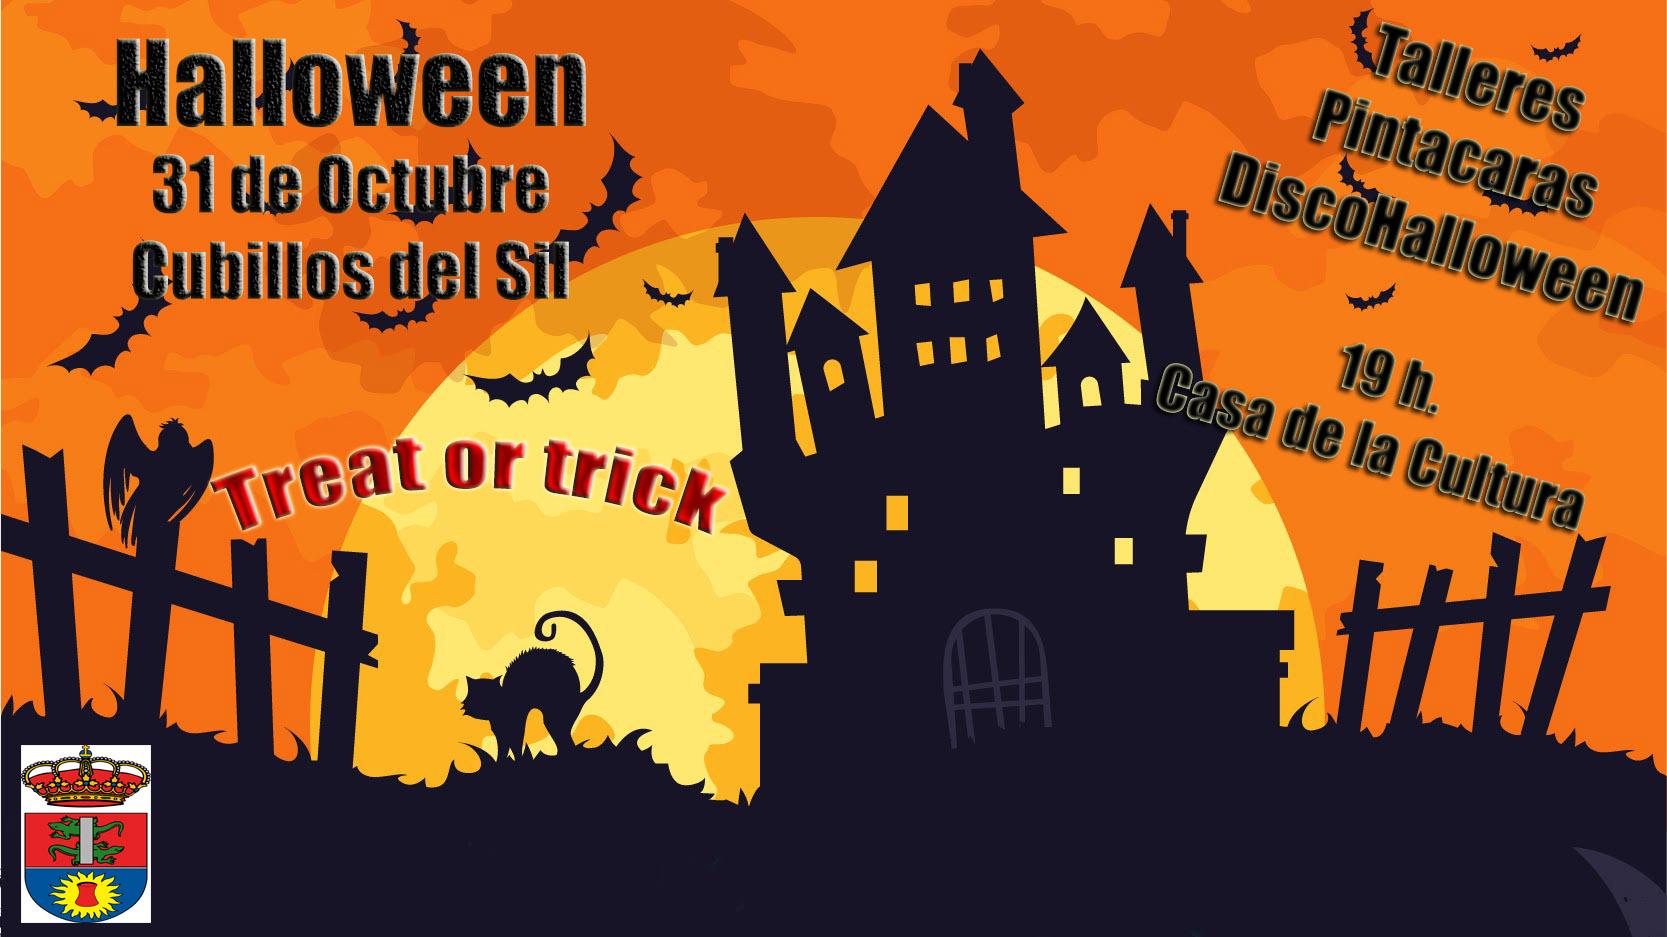 Fiesta infantil de Halloween y magosto en Cubillos del Sil para el puente de los Santos 3